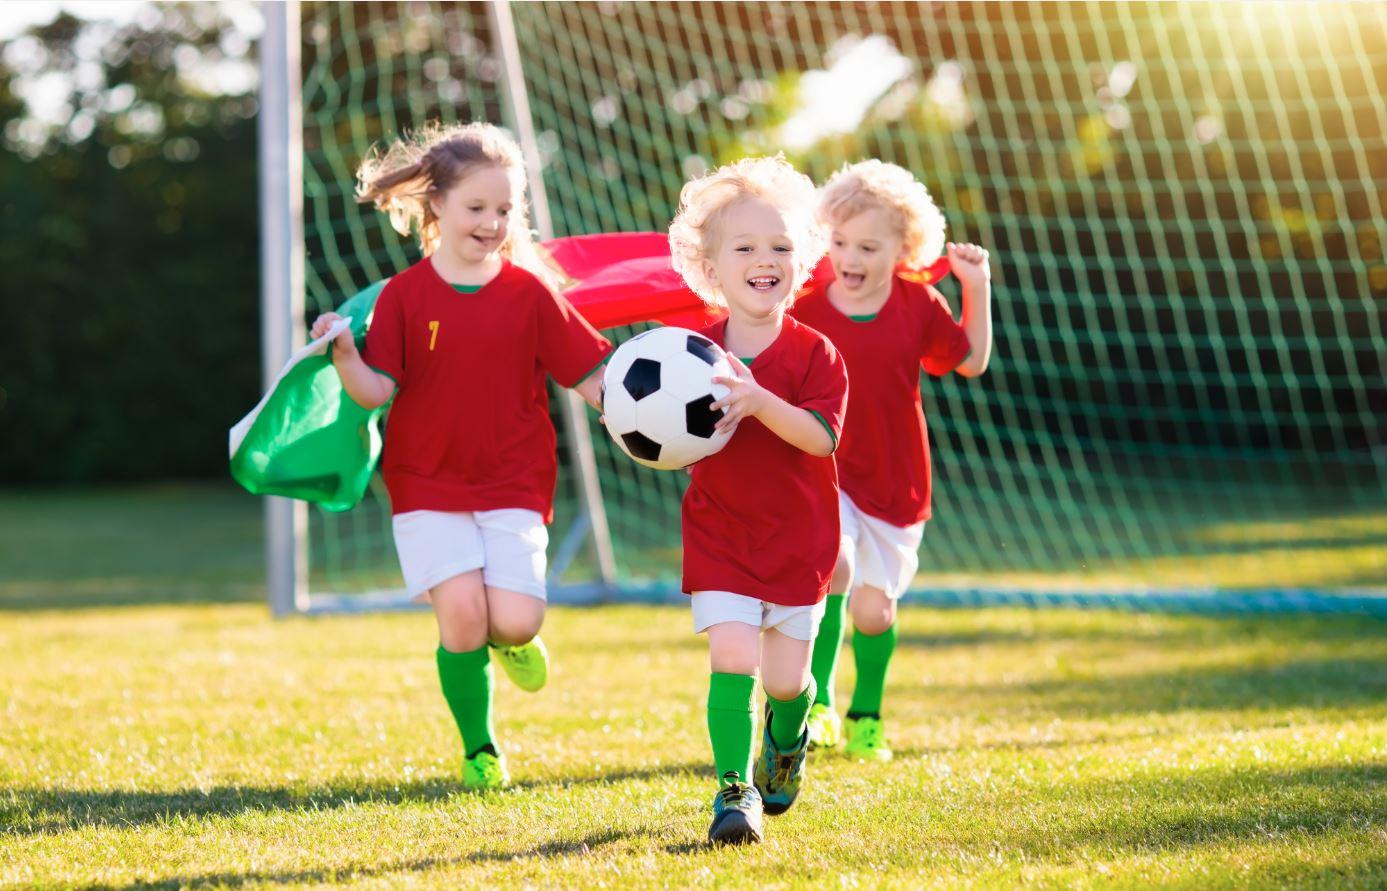 Jungs und Mädchen spielen zusammen Fußball